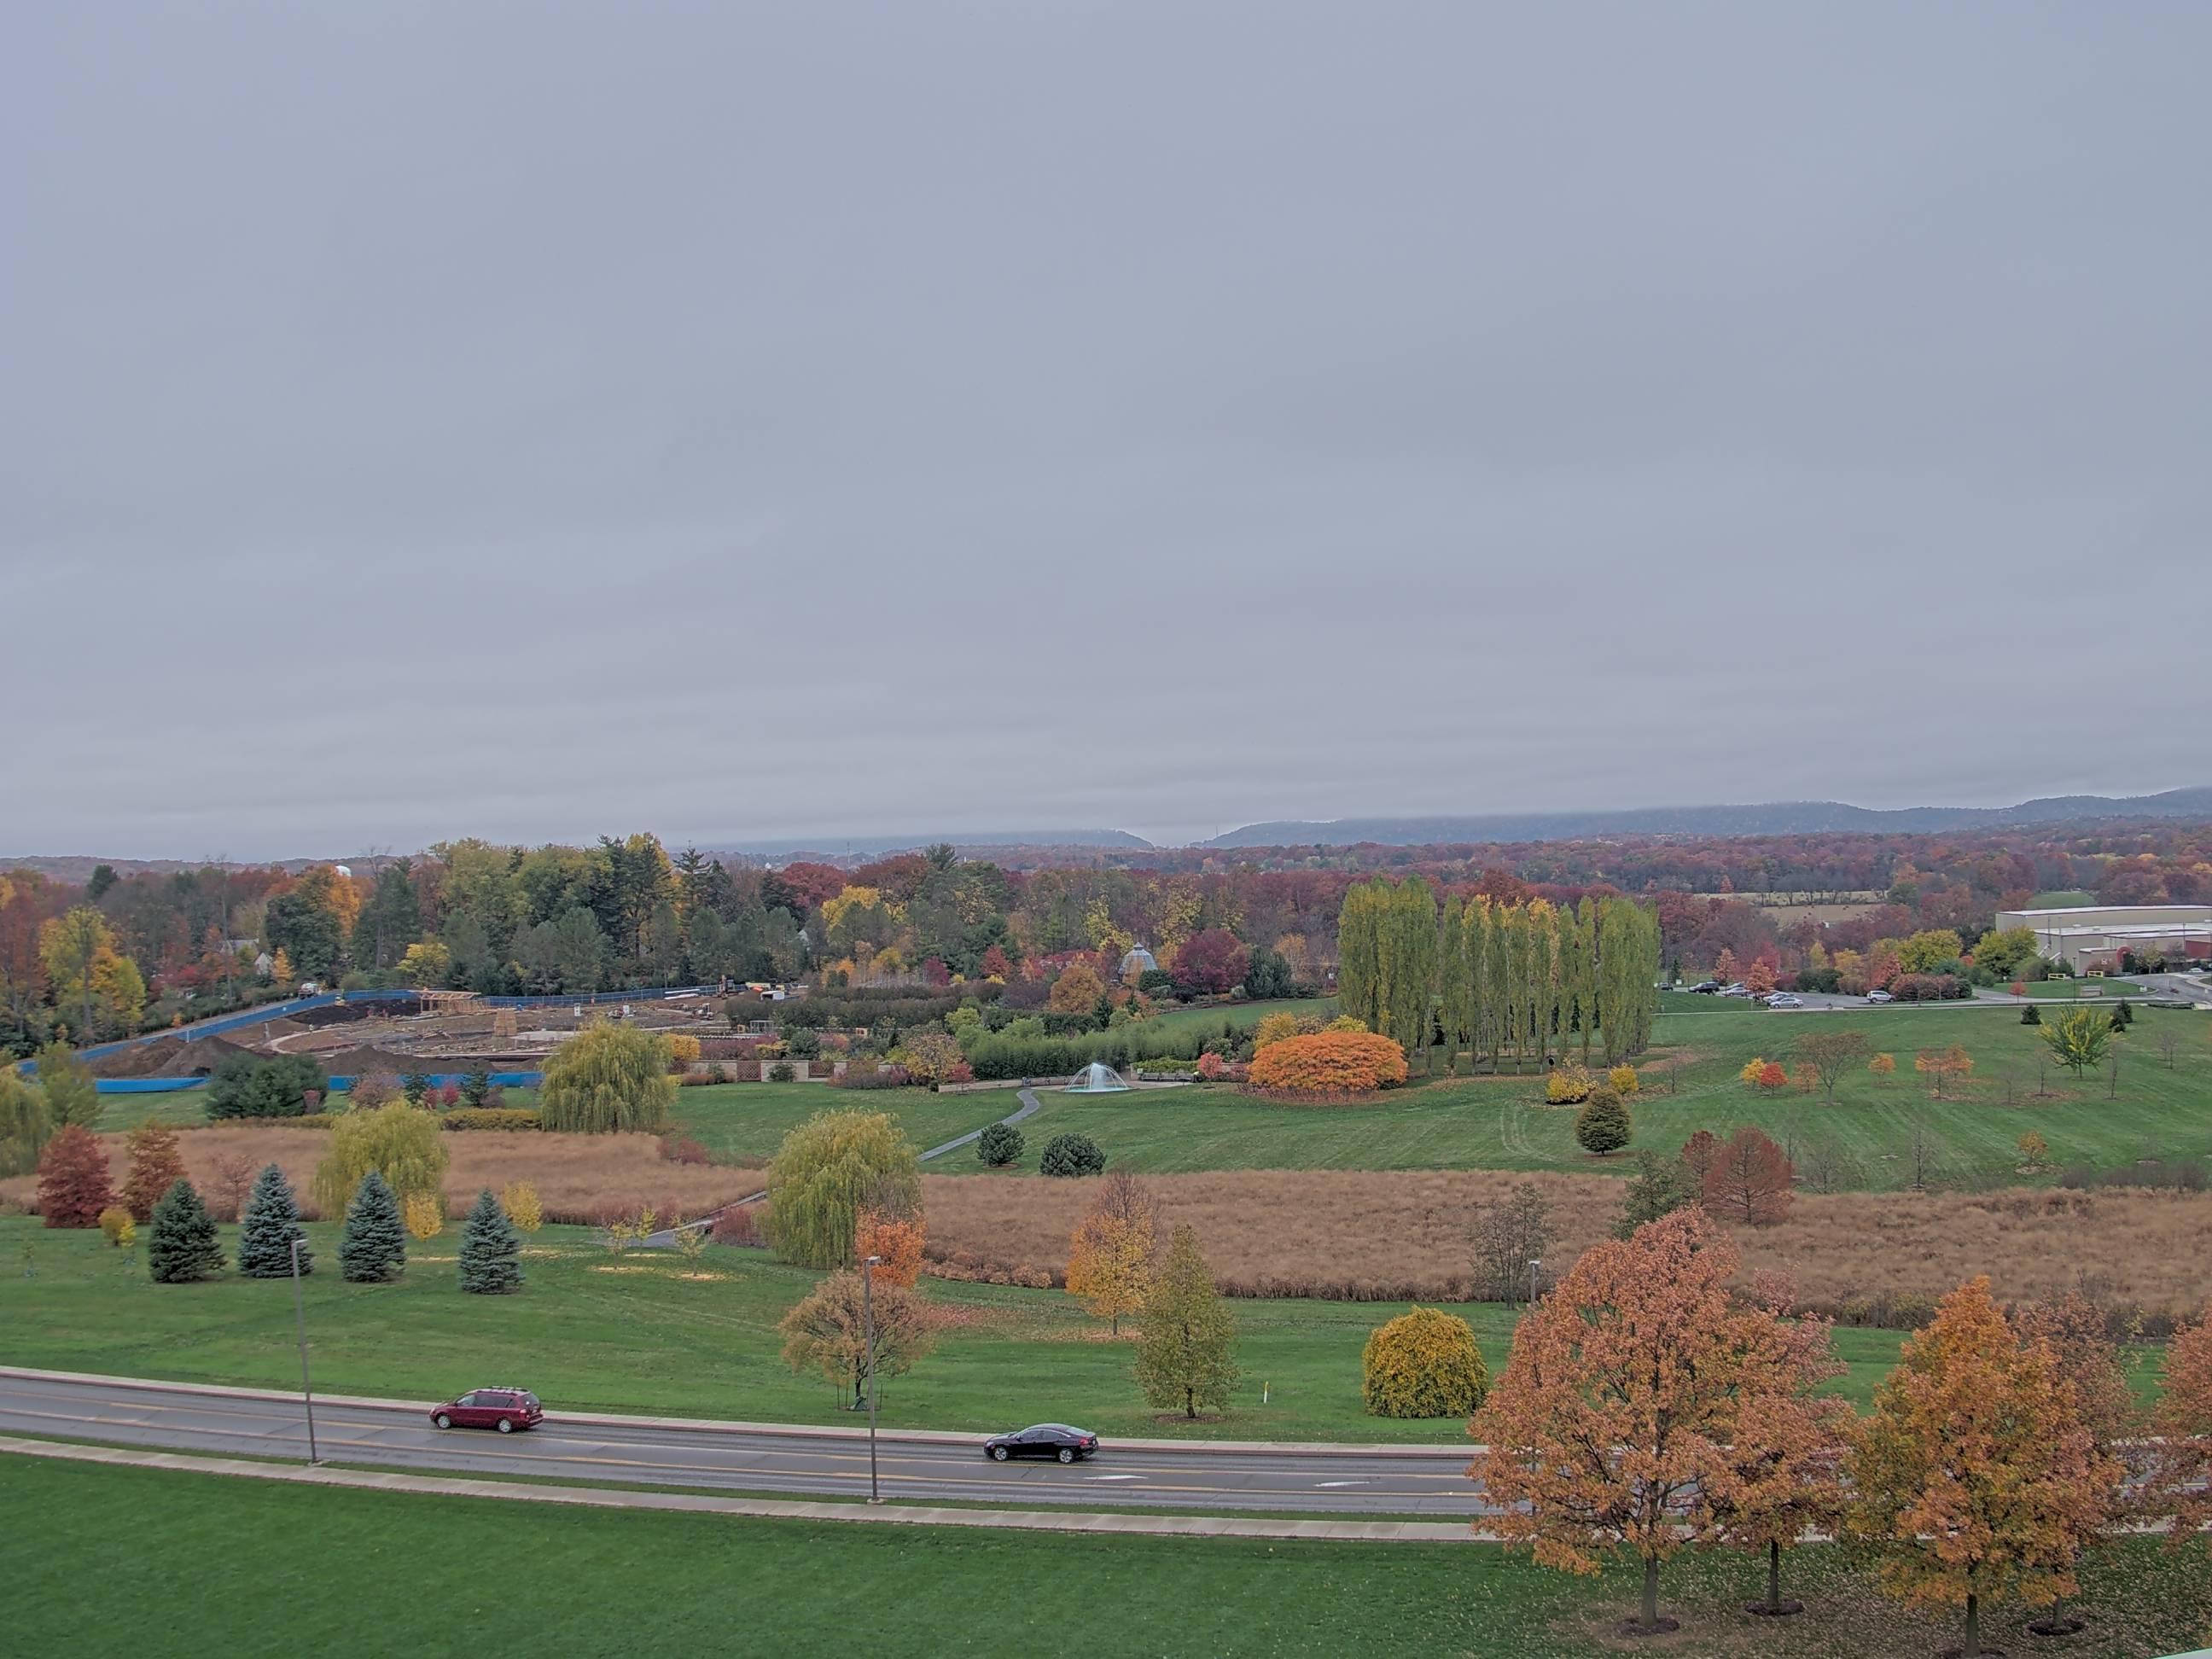 The Arboretum at PSU